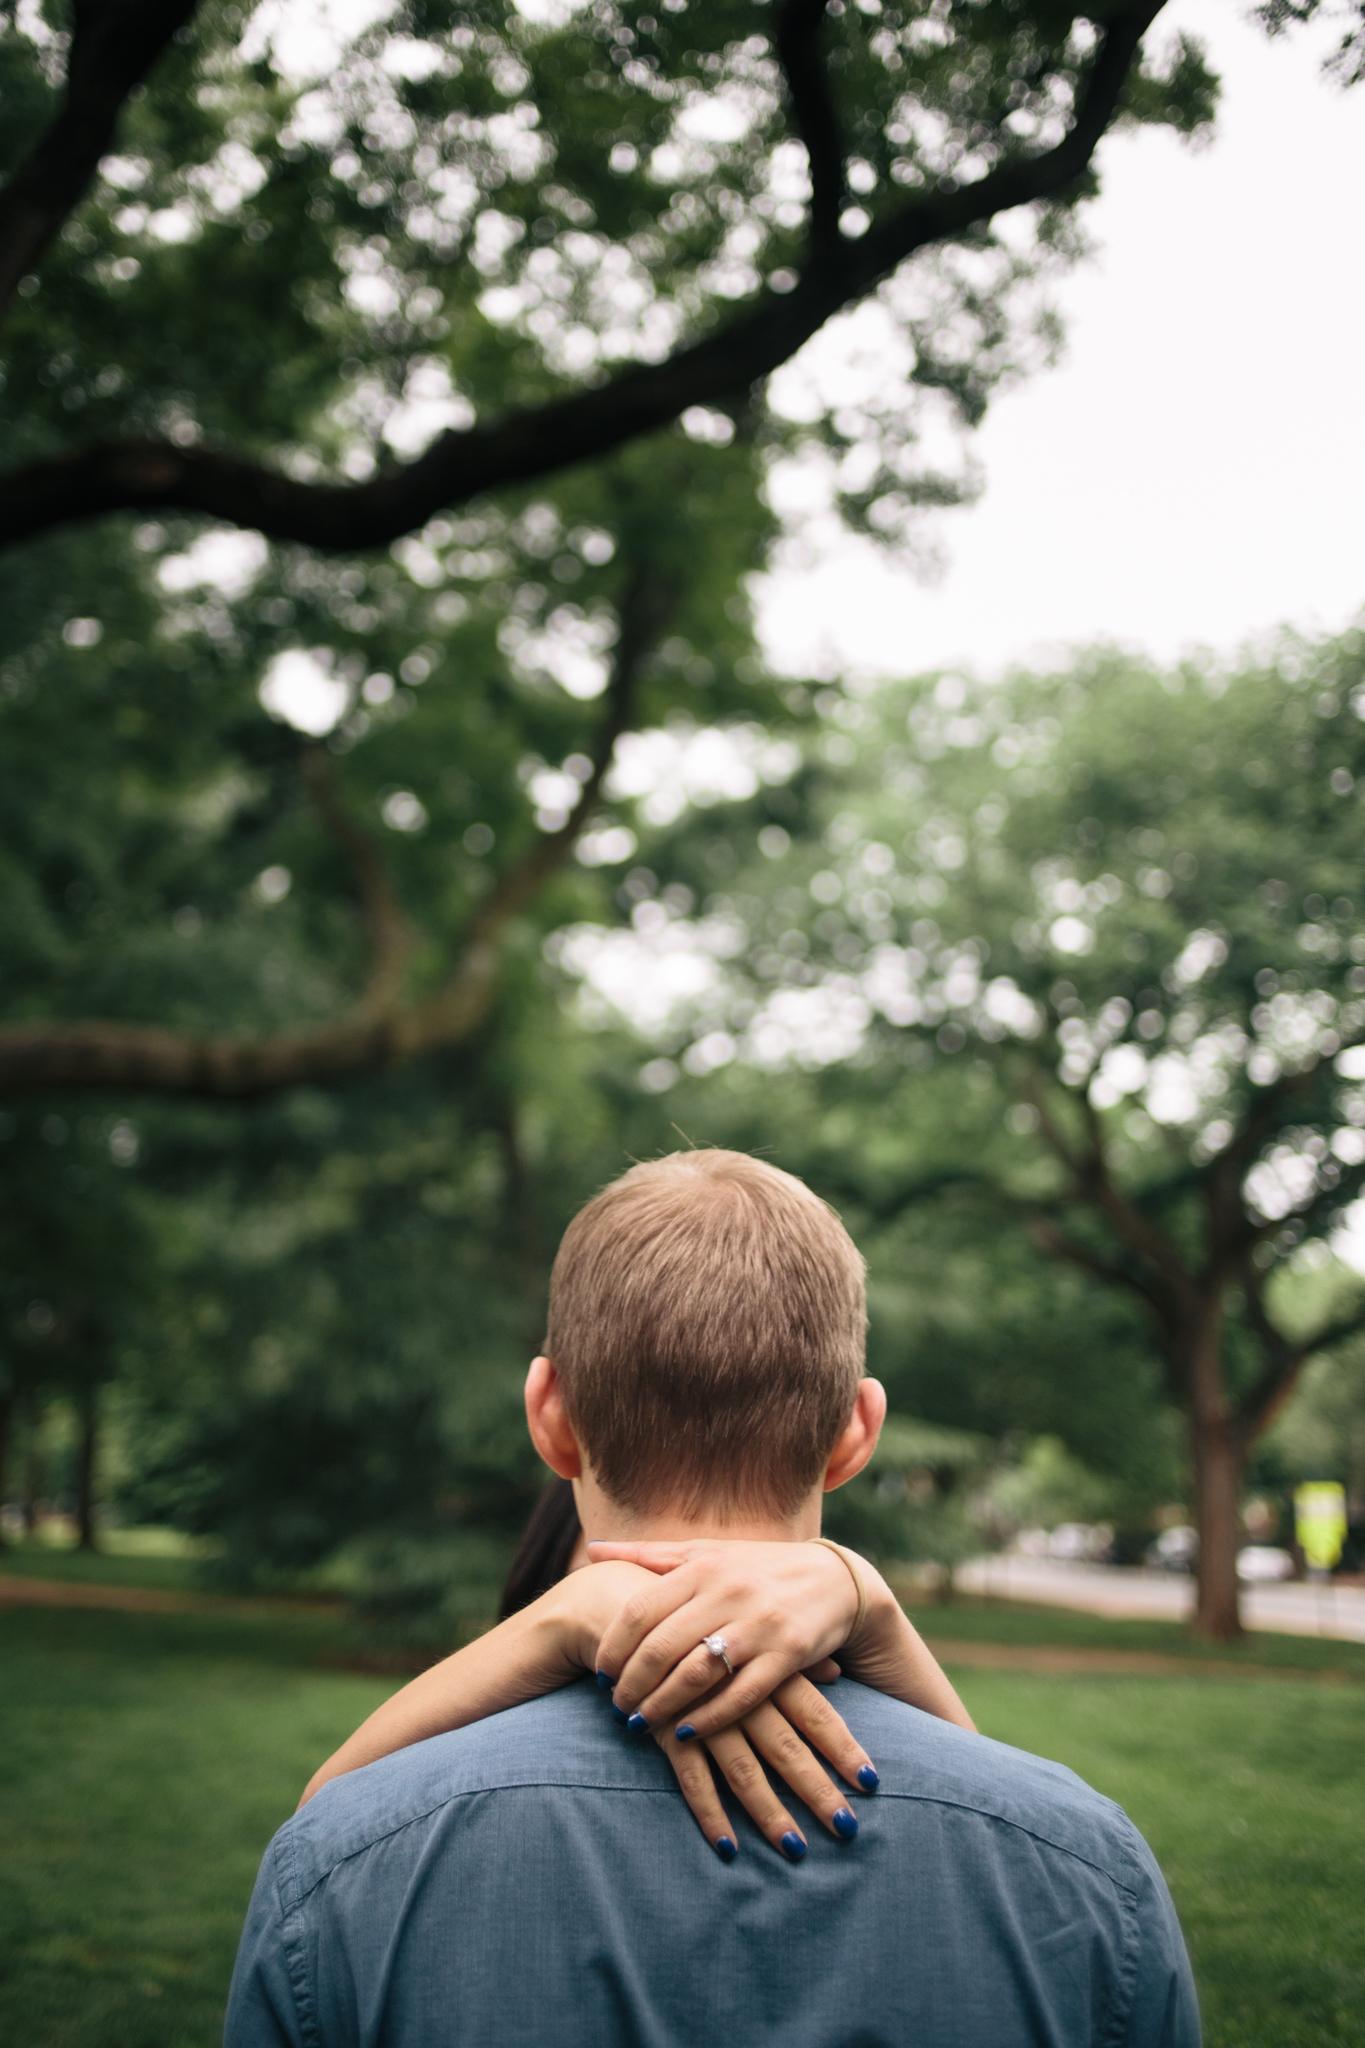 170524_0206_Gaby-Chris-Engagement_032.jpg